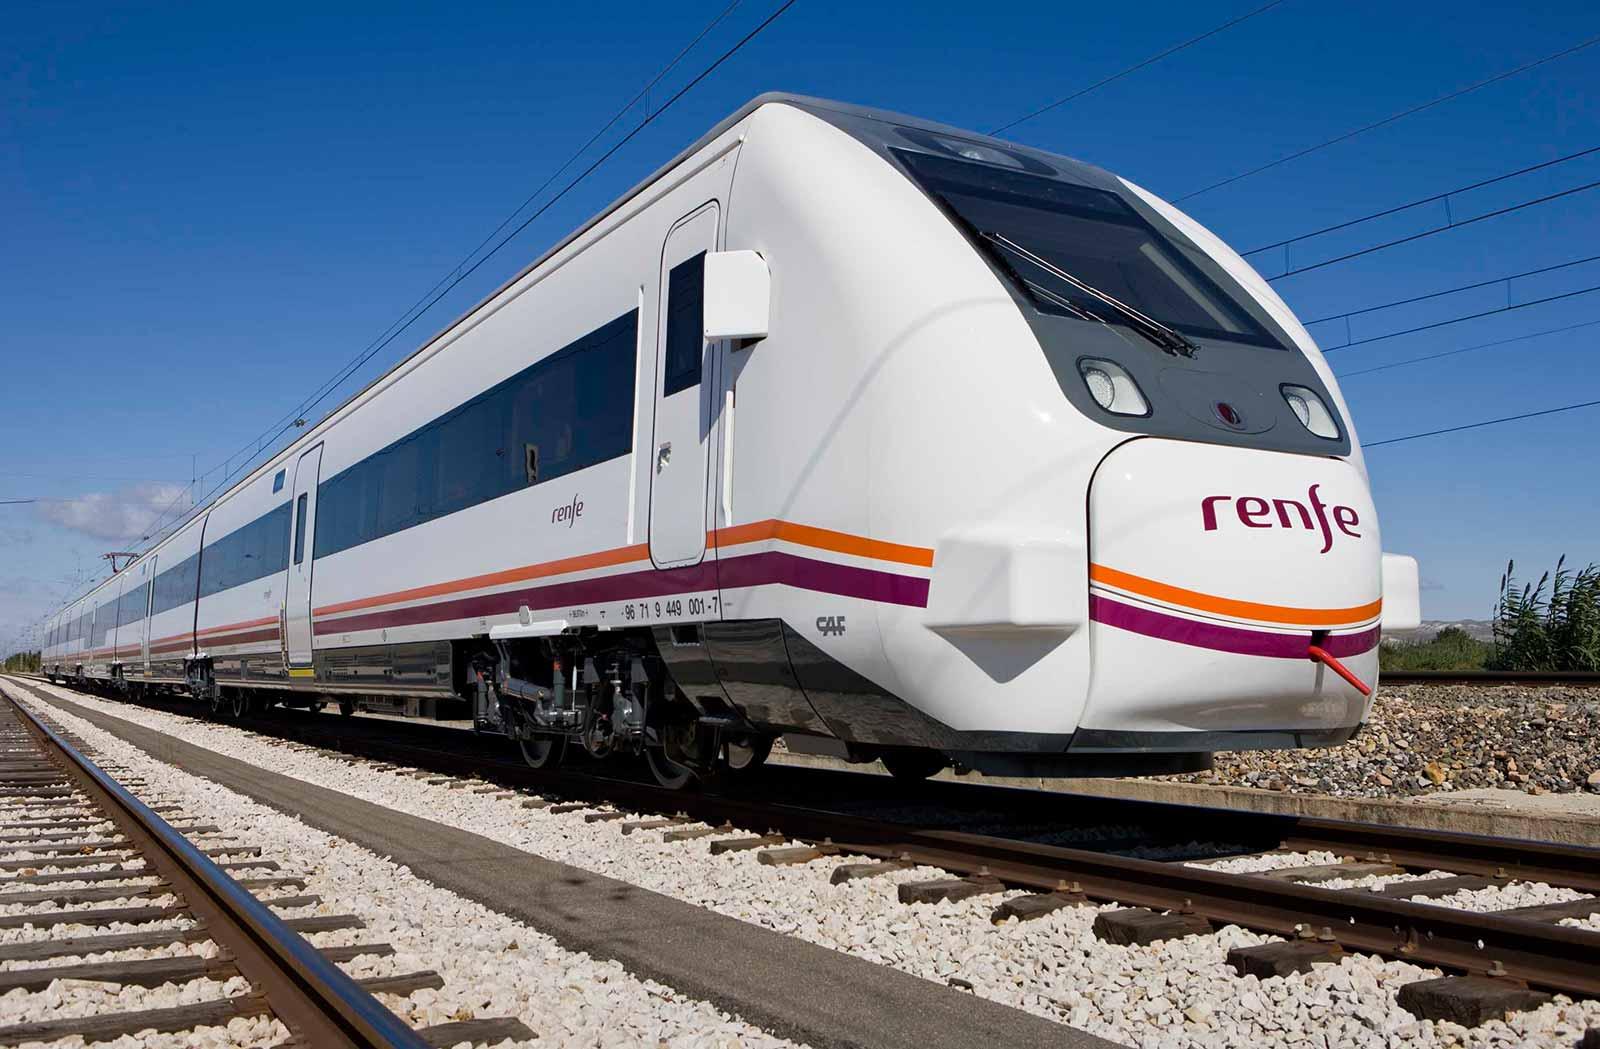 RENFE Железная дорога Испании